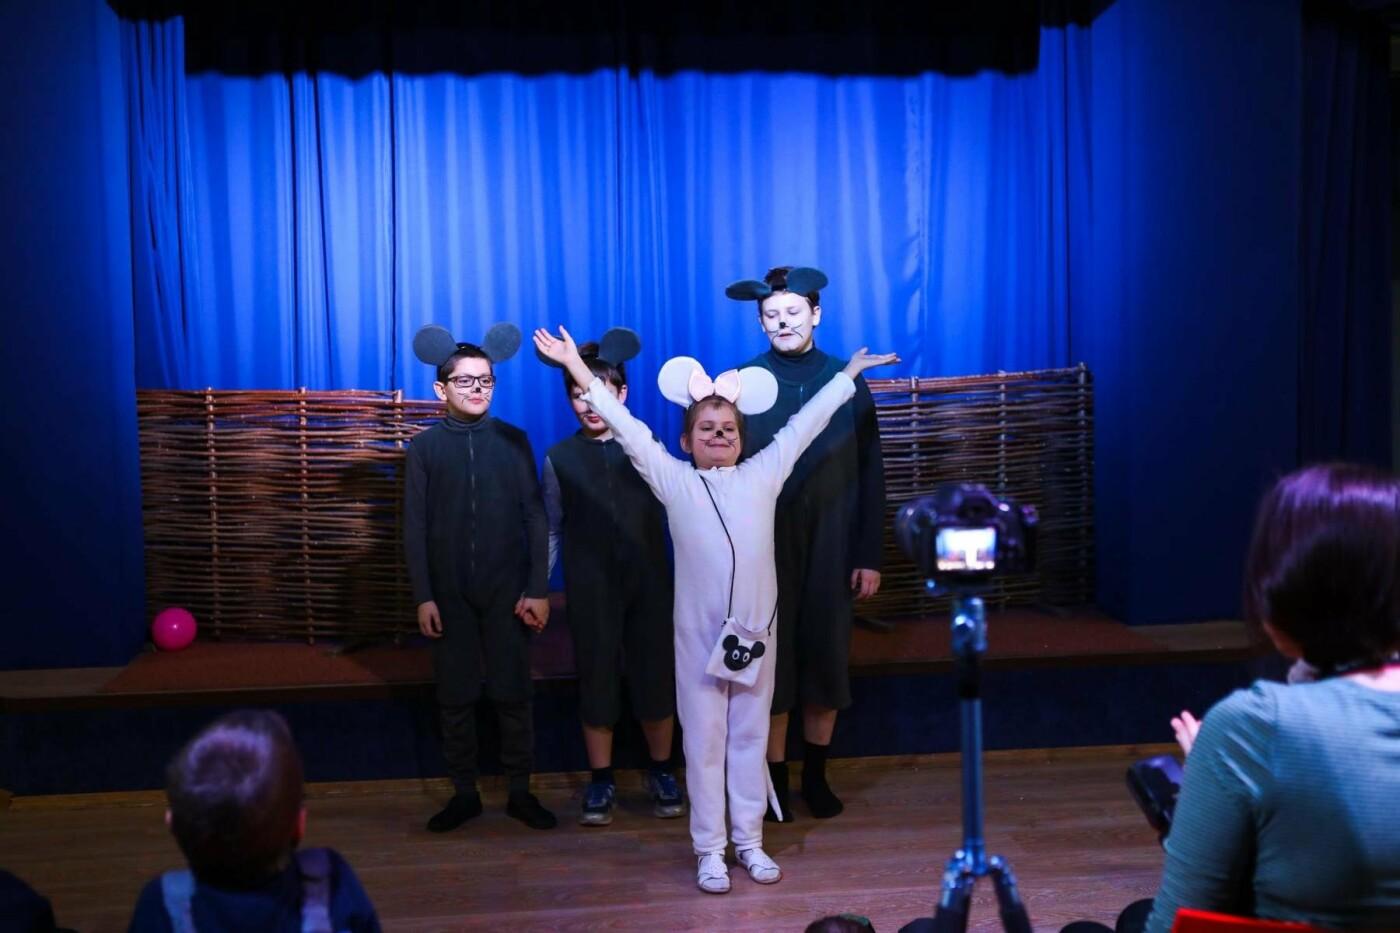 В Белгороде состоялась премьера инклюзивного спектакля «Приключения белой мышки»